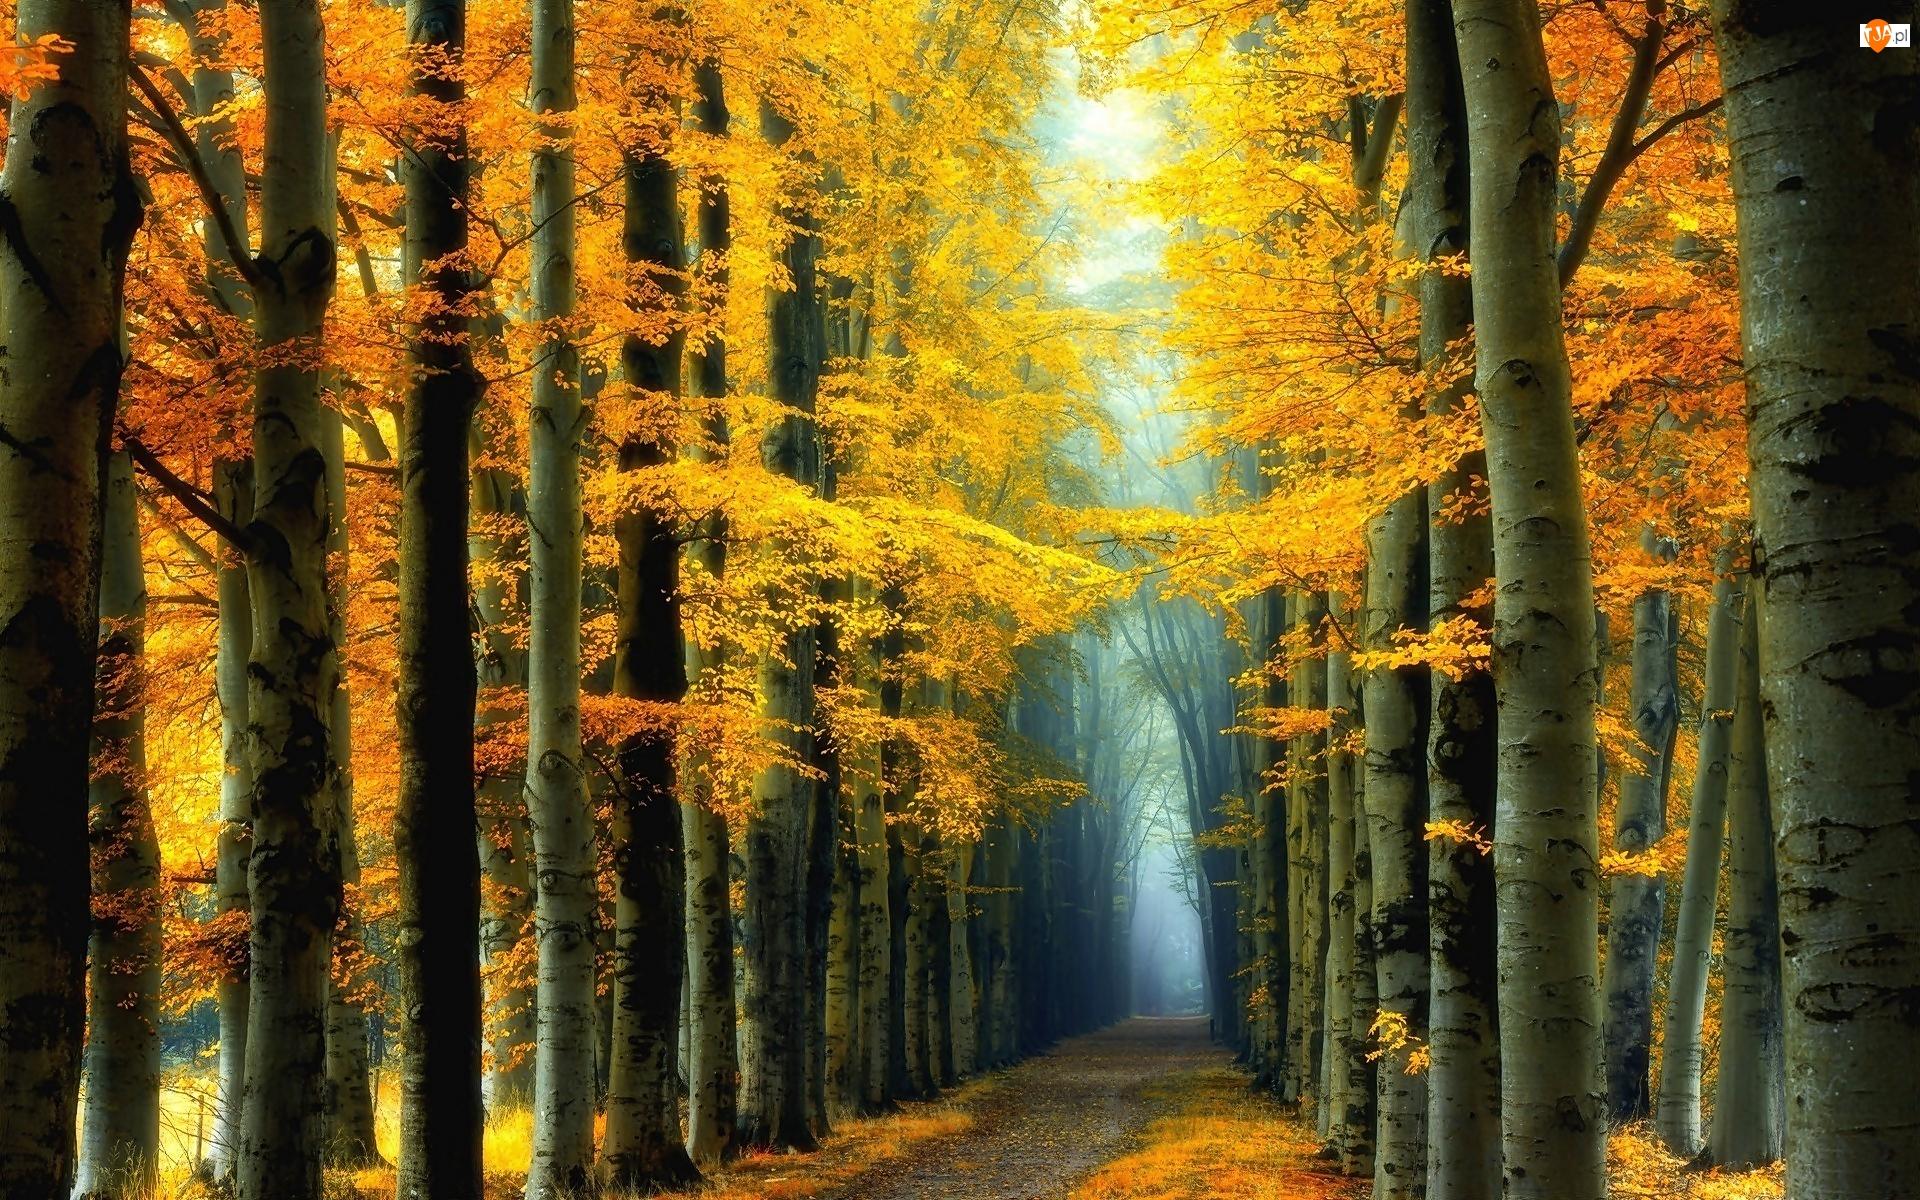 Droga, Las, Topole osikowe, Jesień, Drzewa, Mgła